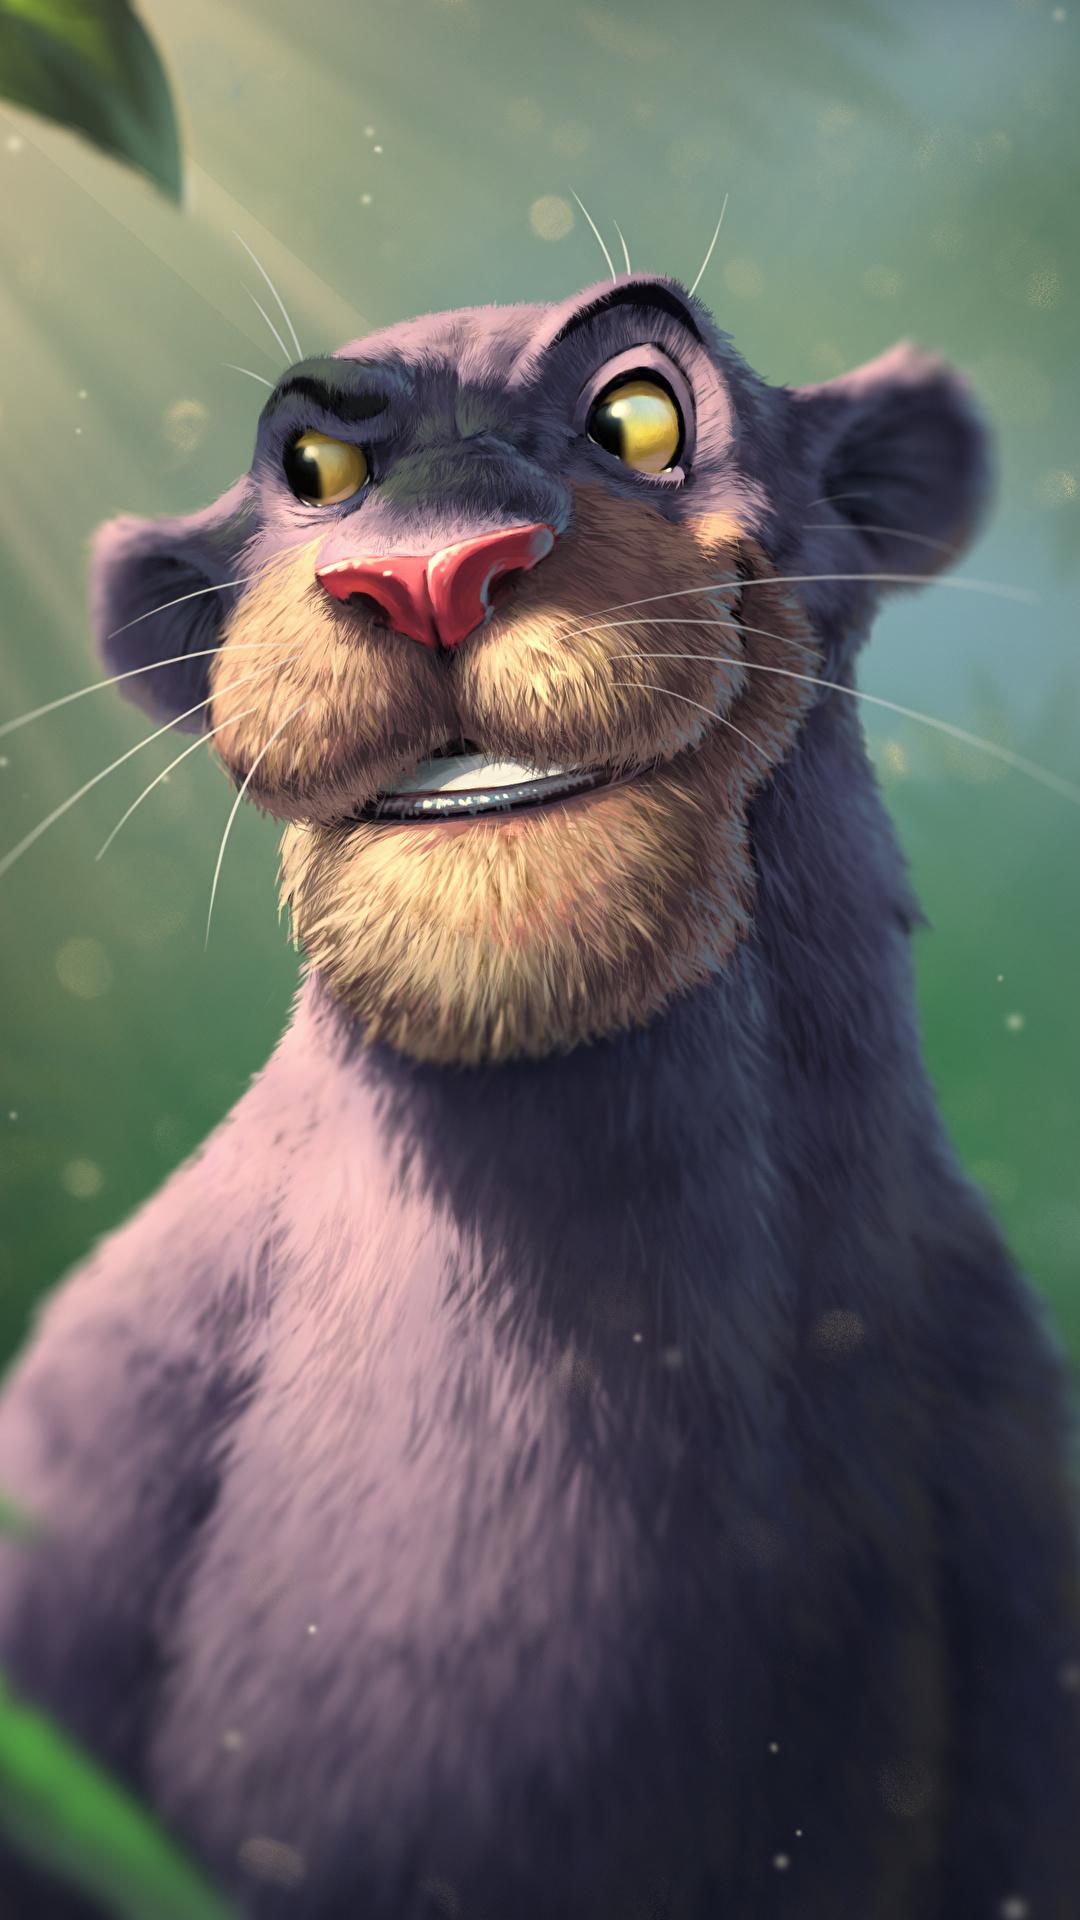 Bilder von Schwarzer Panther The Jungle Book, Bagheera Animationsfilm 1080x1920 Zeichentrickfilm